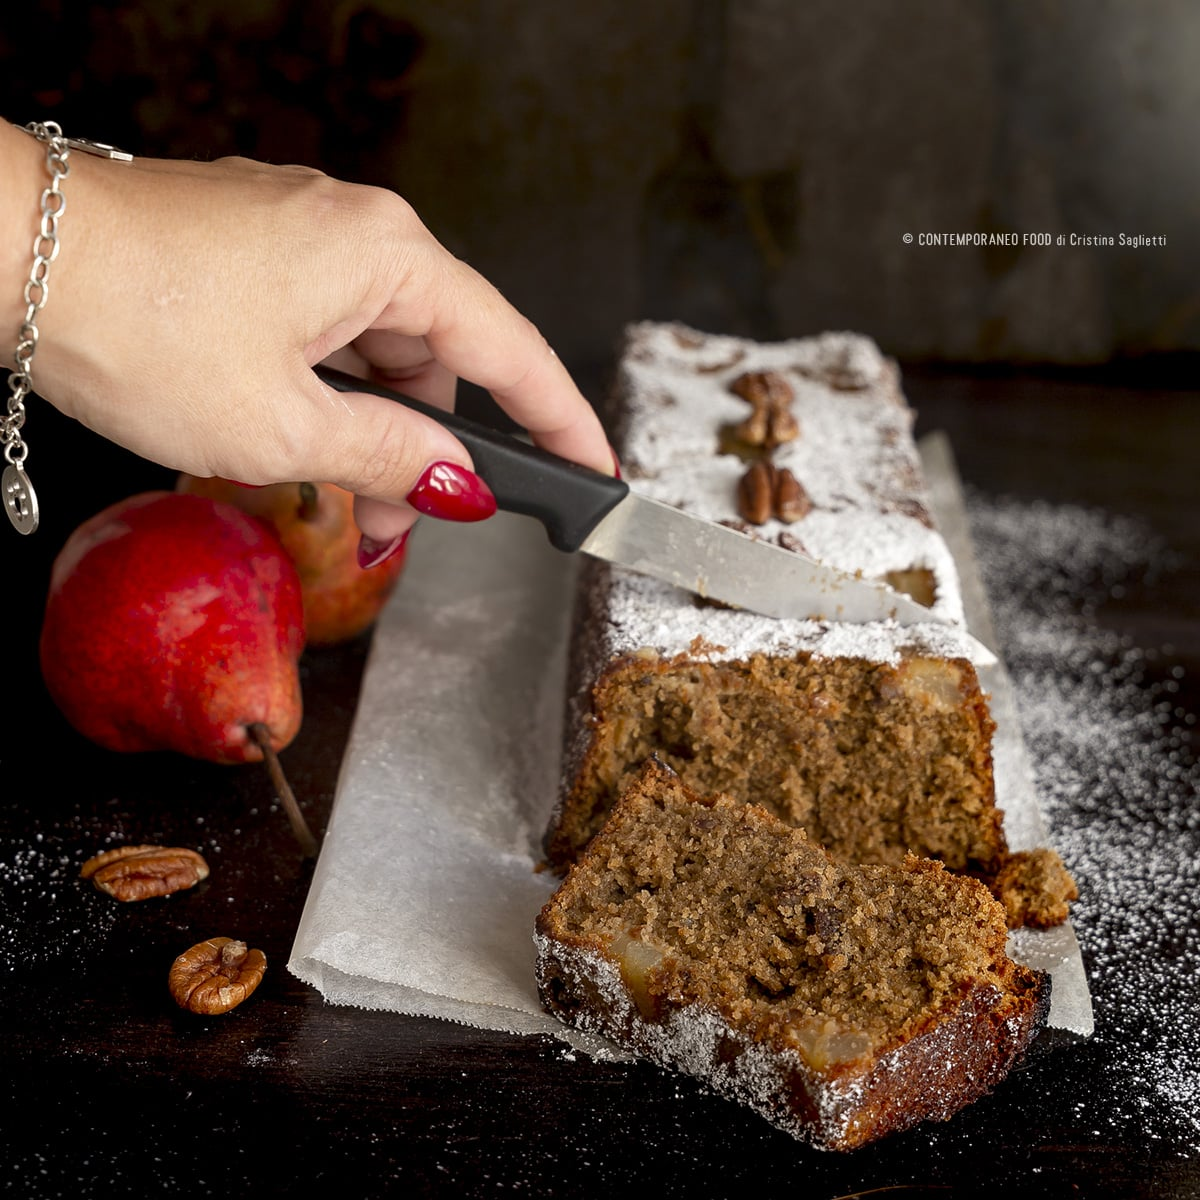 plumcake-farina-di-avena-caffè-noci-pere-farine-alternative-dolce-facile-contemporaneo-food